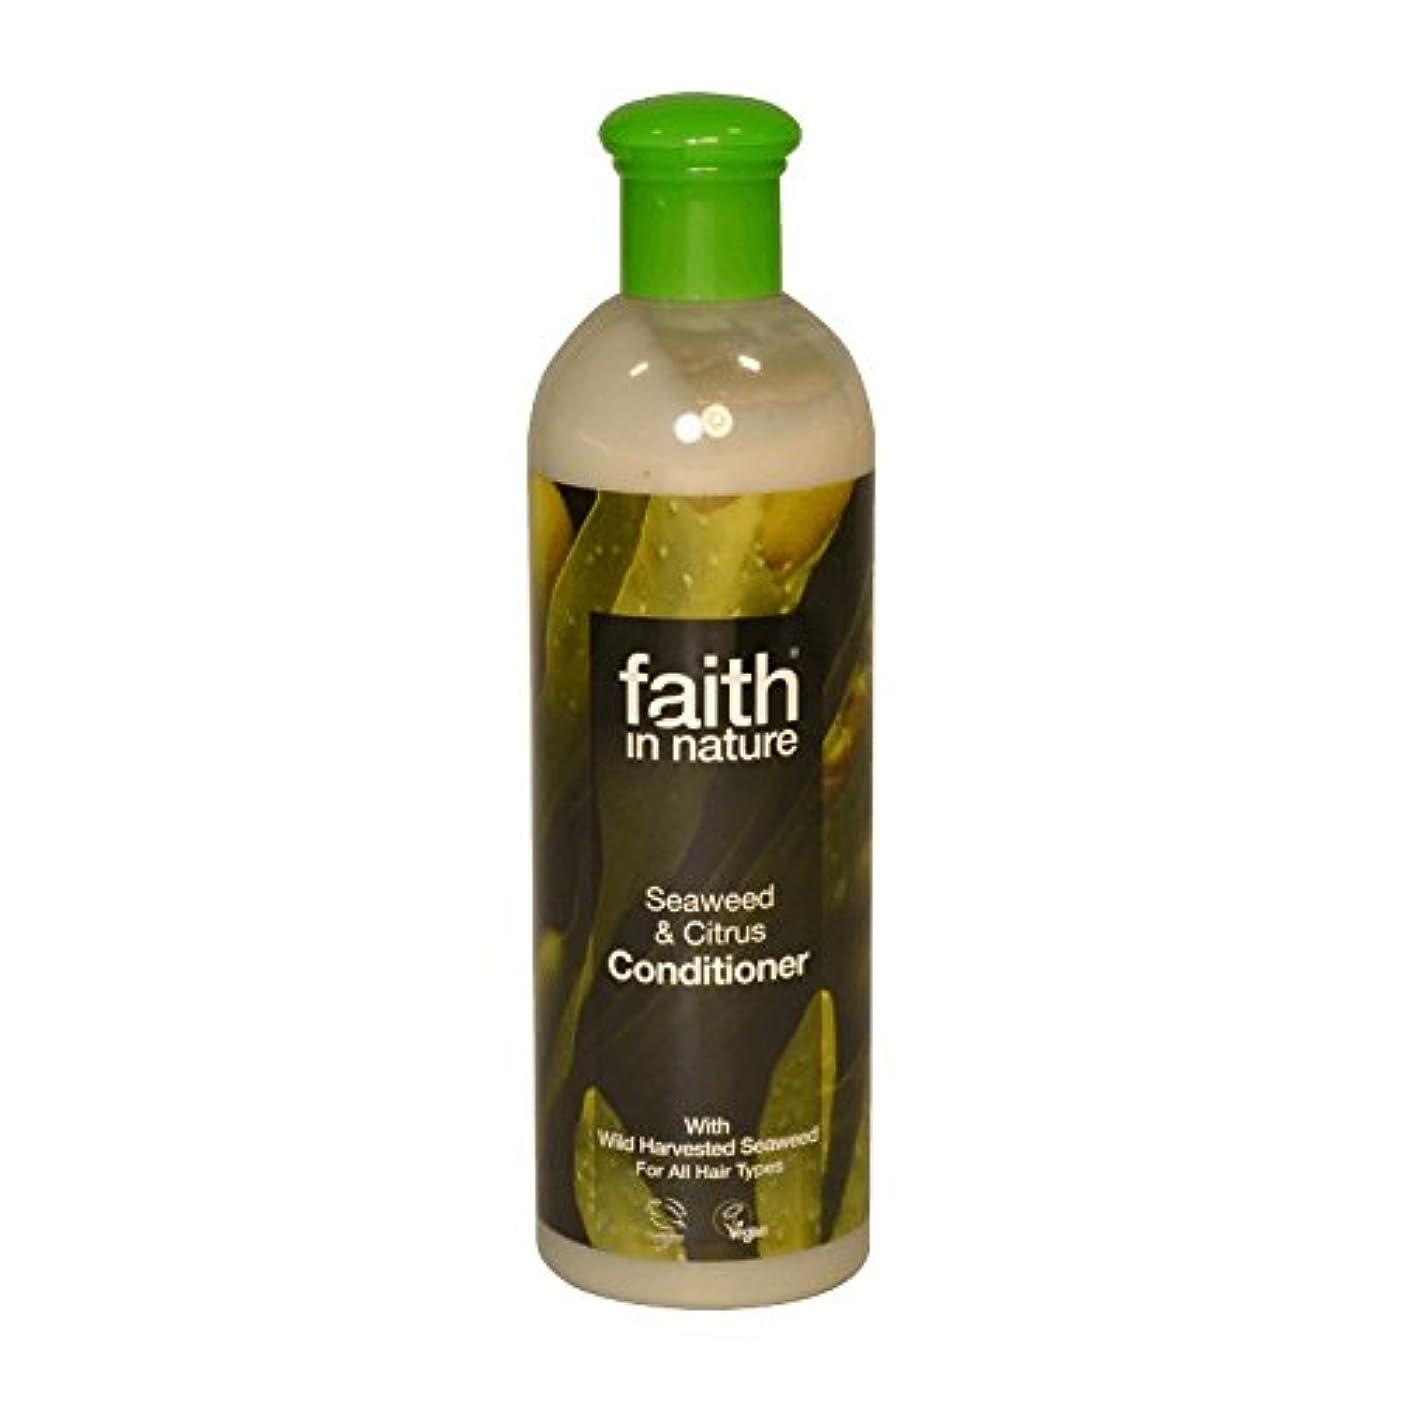 メールを書くビスケットゆでるFaith in Nature Seaweed & Citrus Conditioner 400ml (Pack of 2) - 自然の海藻&シトラスコンディショナー400ミリリットルの信仰 (x2) [並行輸入品]